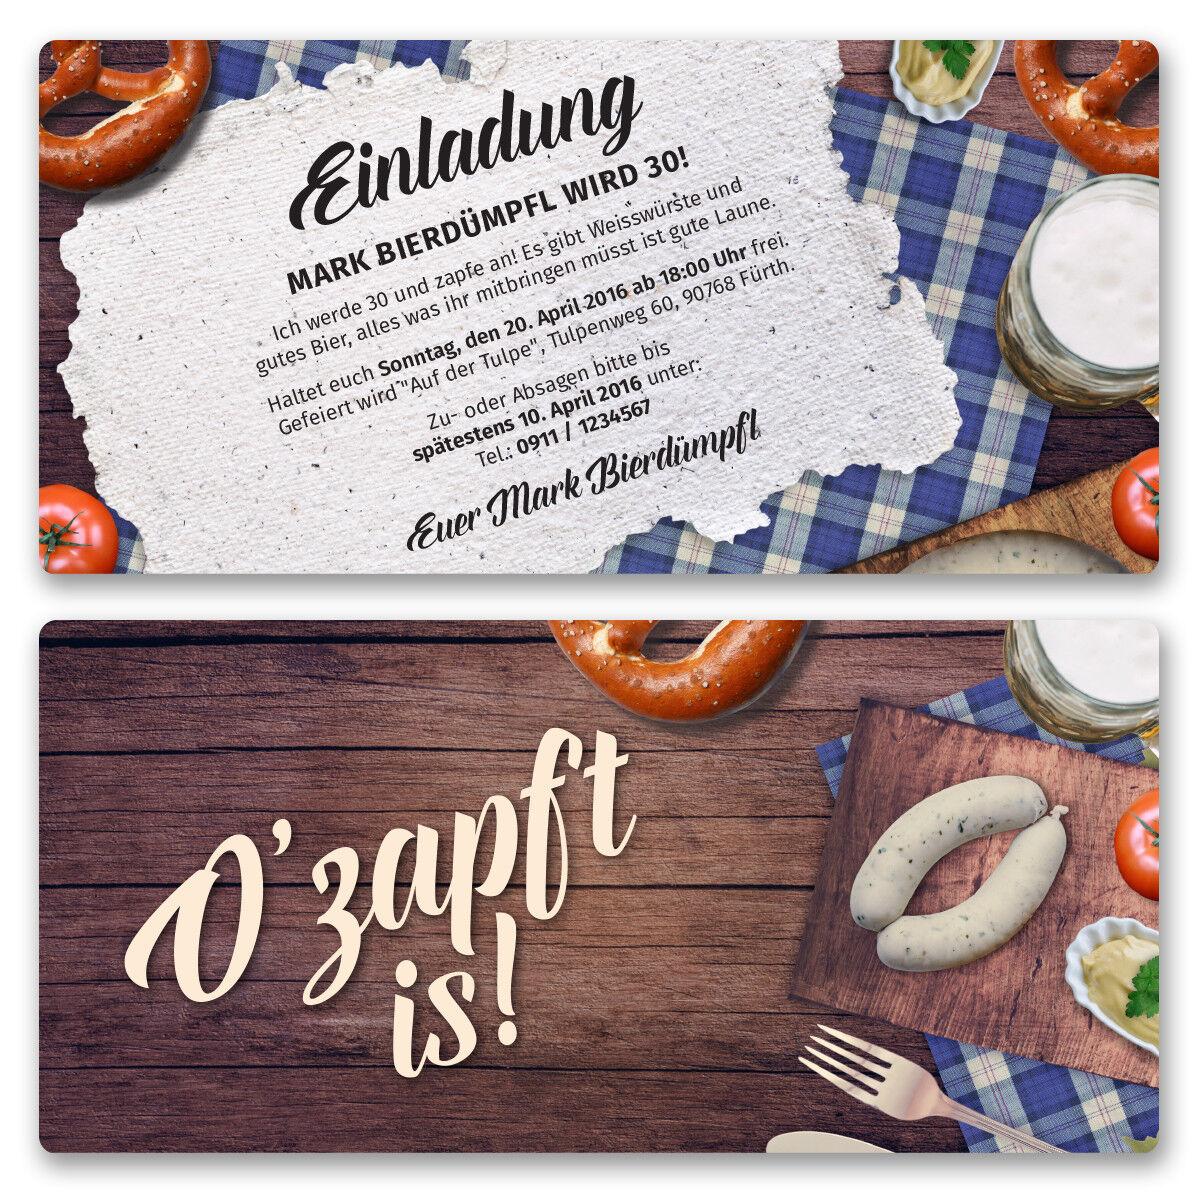 Einladungskarten zum Geburtstag Oktoberfest Bier Frühschoppen Einladung | Um Sowohl Die Qualität Der Zähigkeit Und Härte  | Deutschland Online Shop